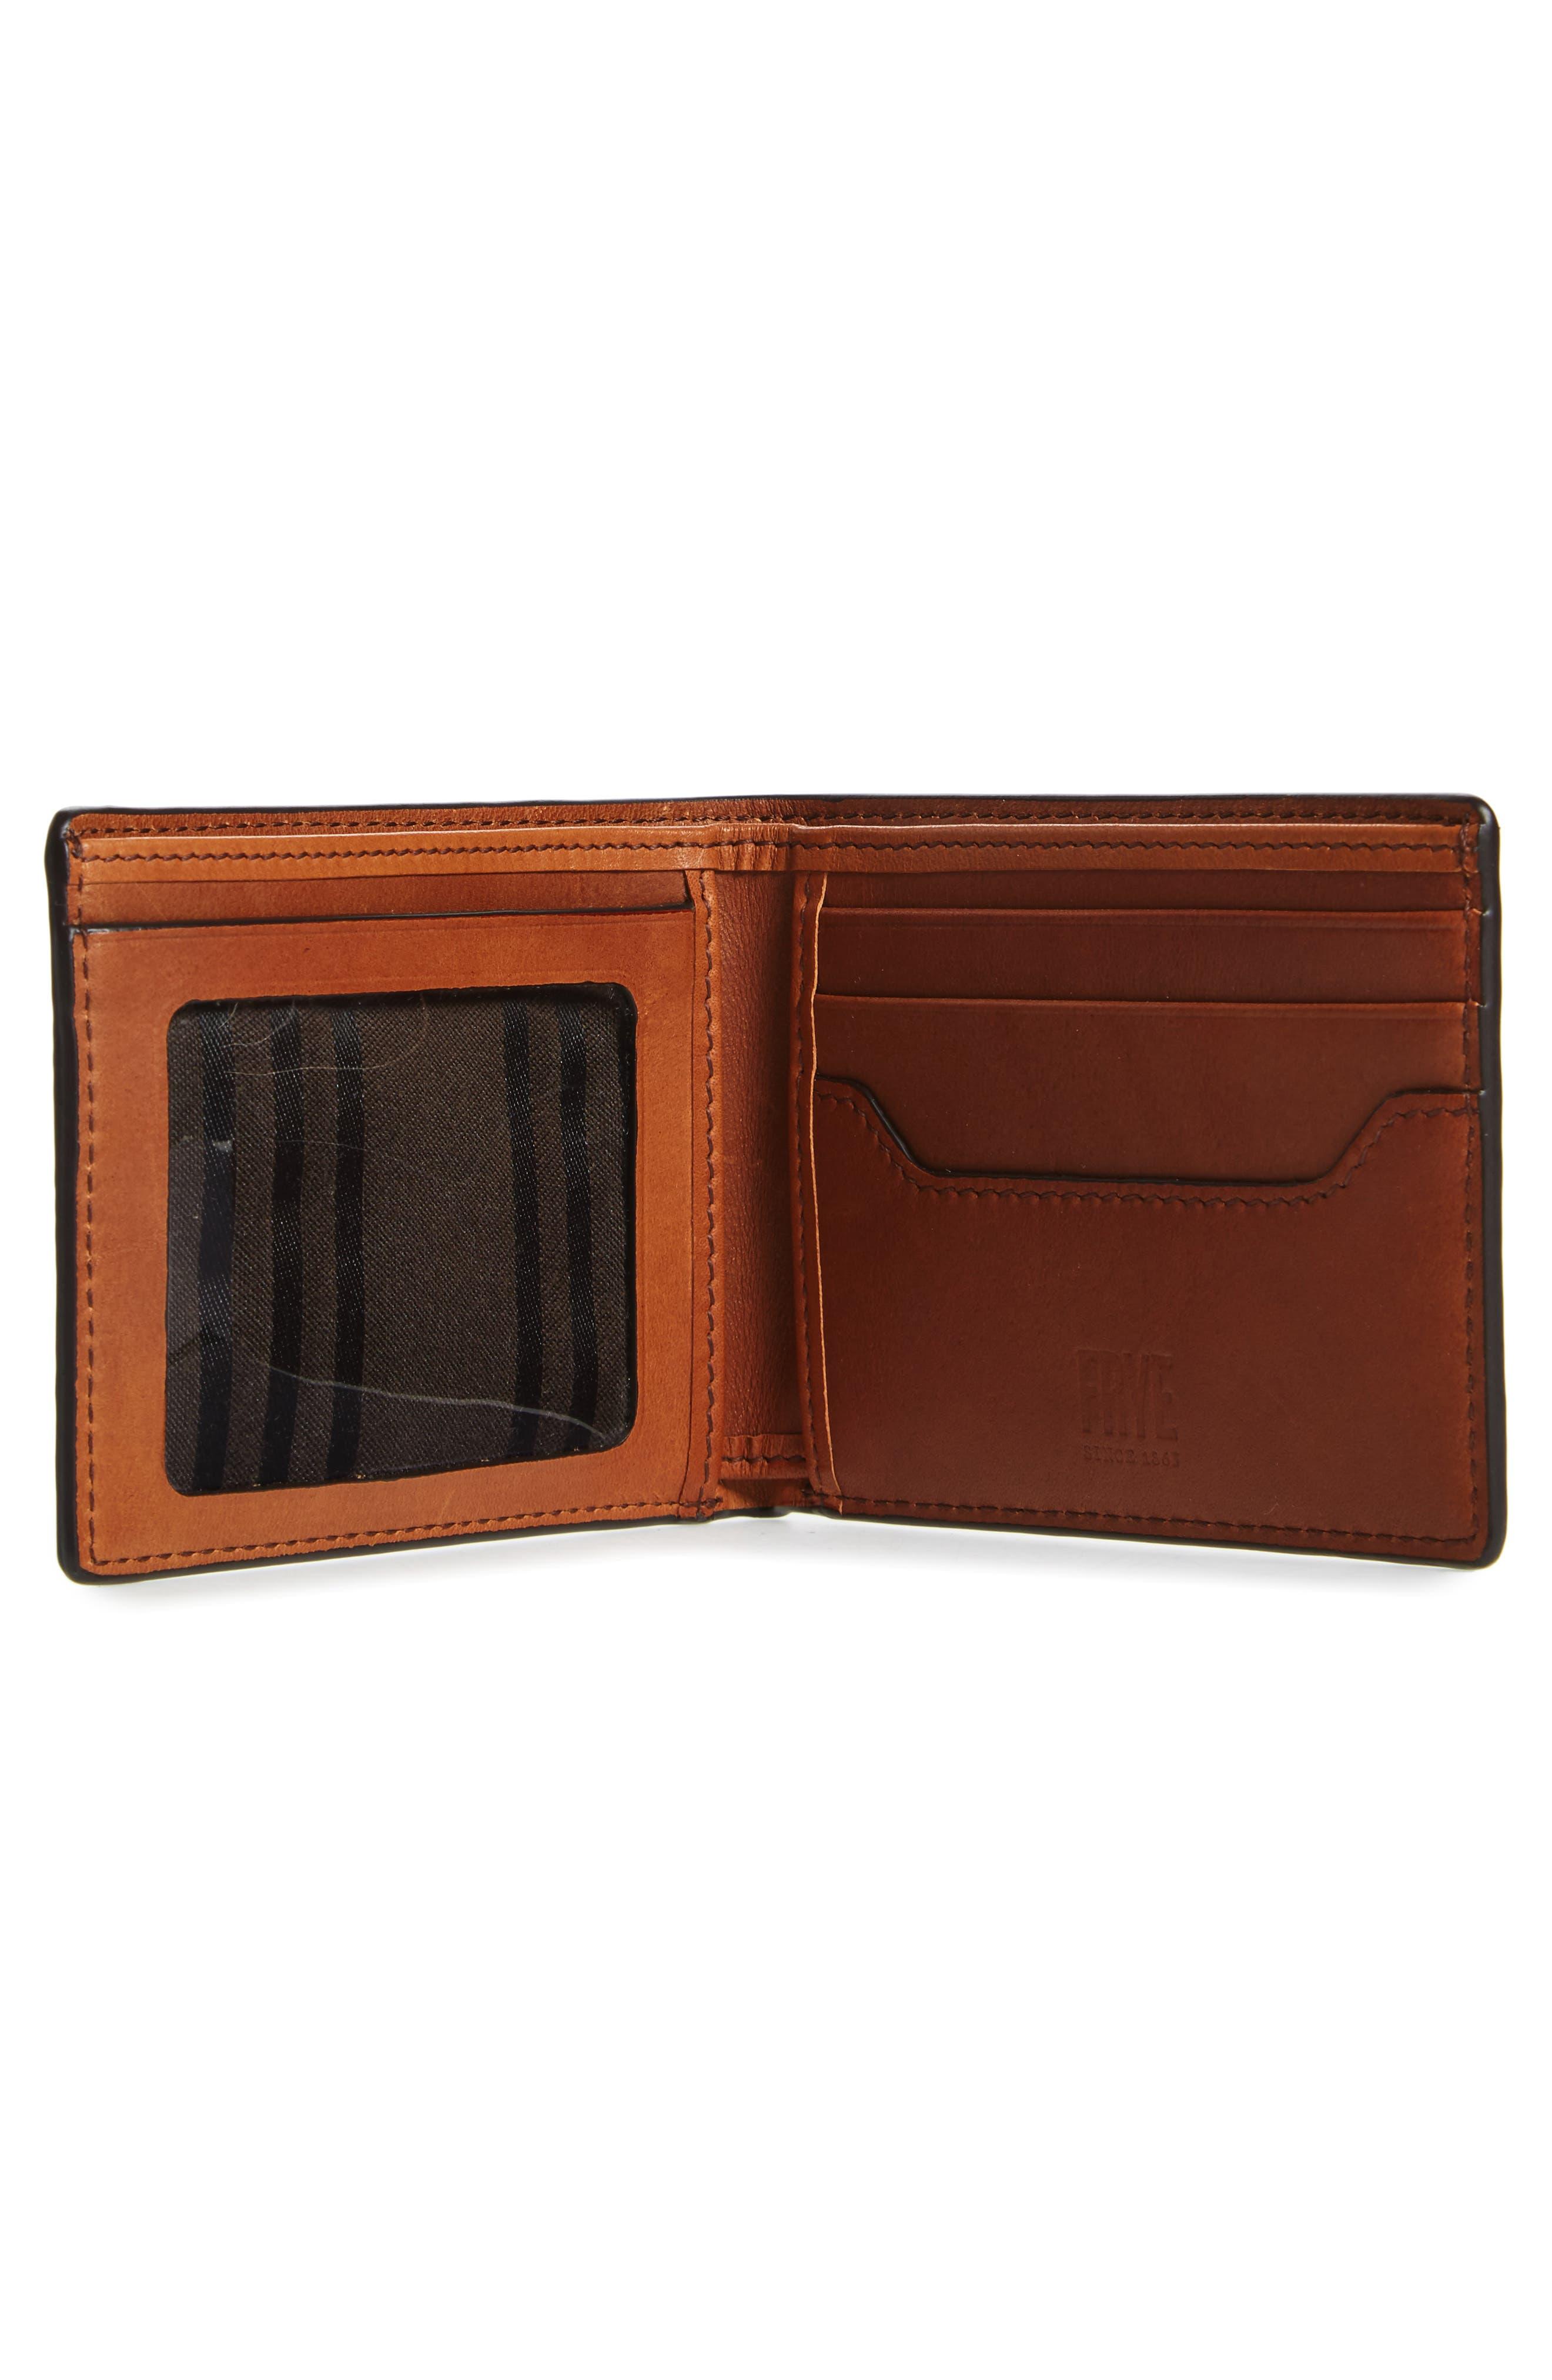 Logan Leather Wallet,                             Alternate thumbnail 2, color,                             Cognac